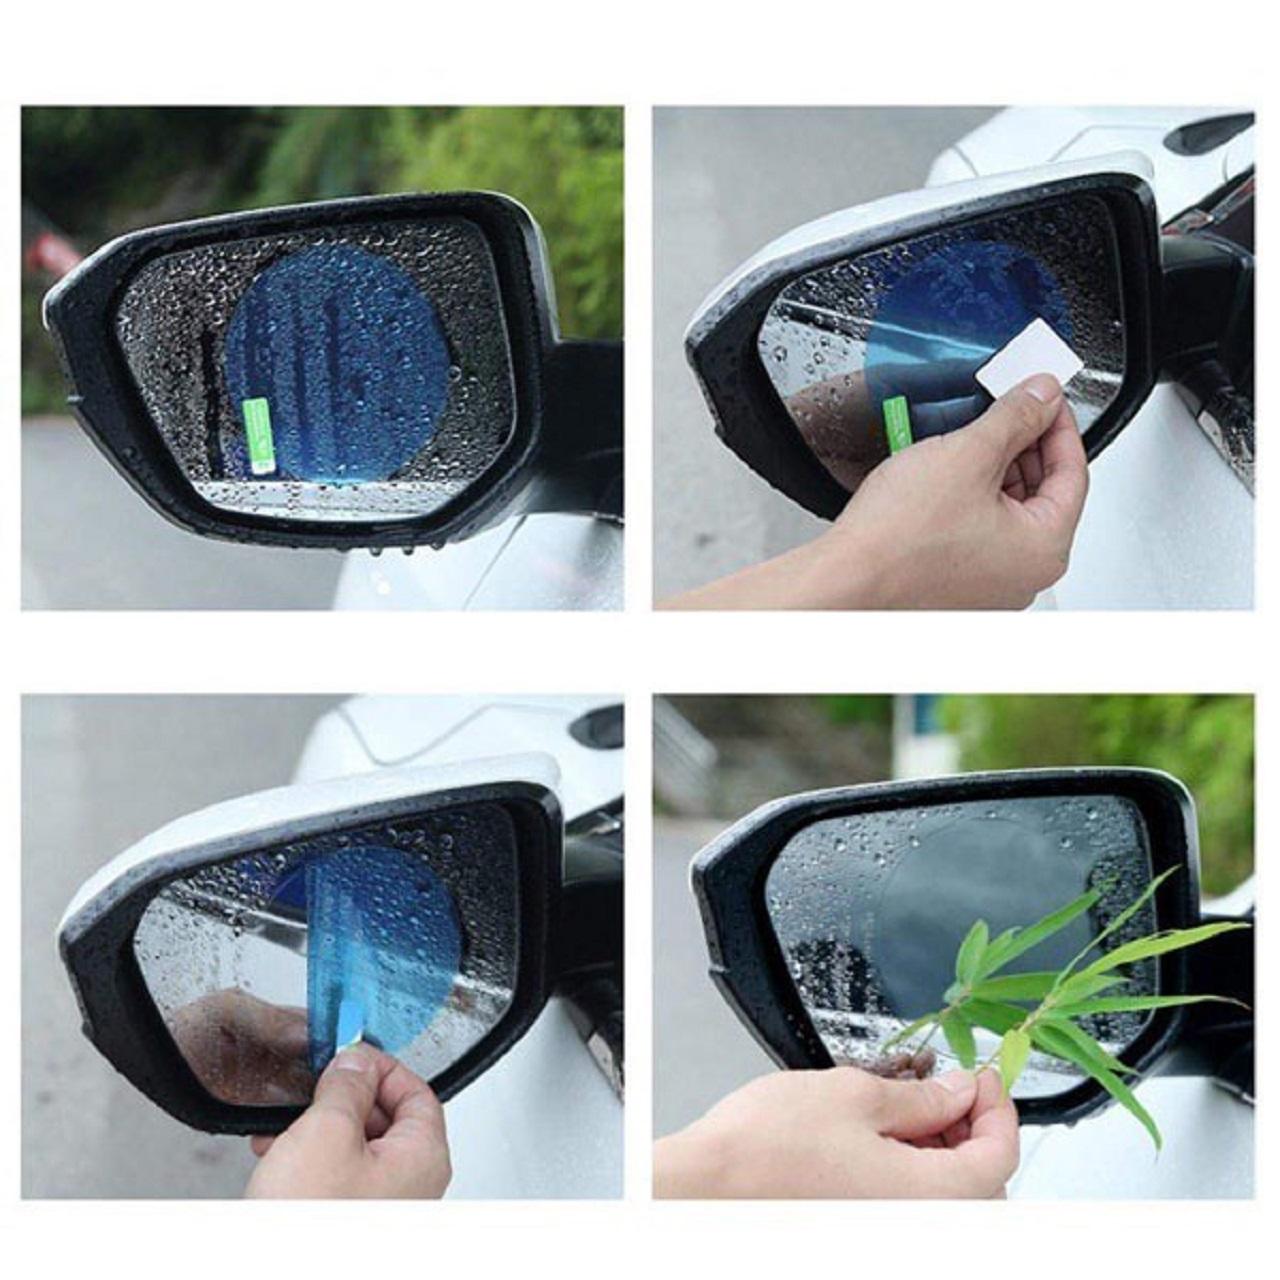 Miếng dán gương chống nước trên cửa kính ô tô 1